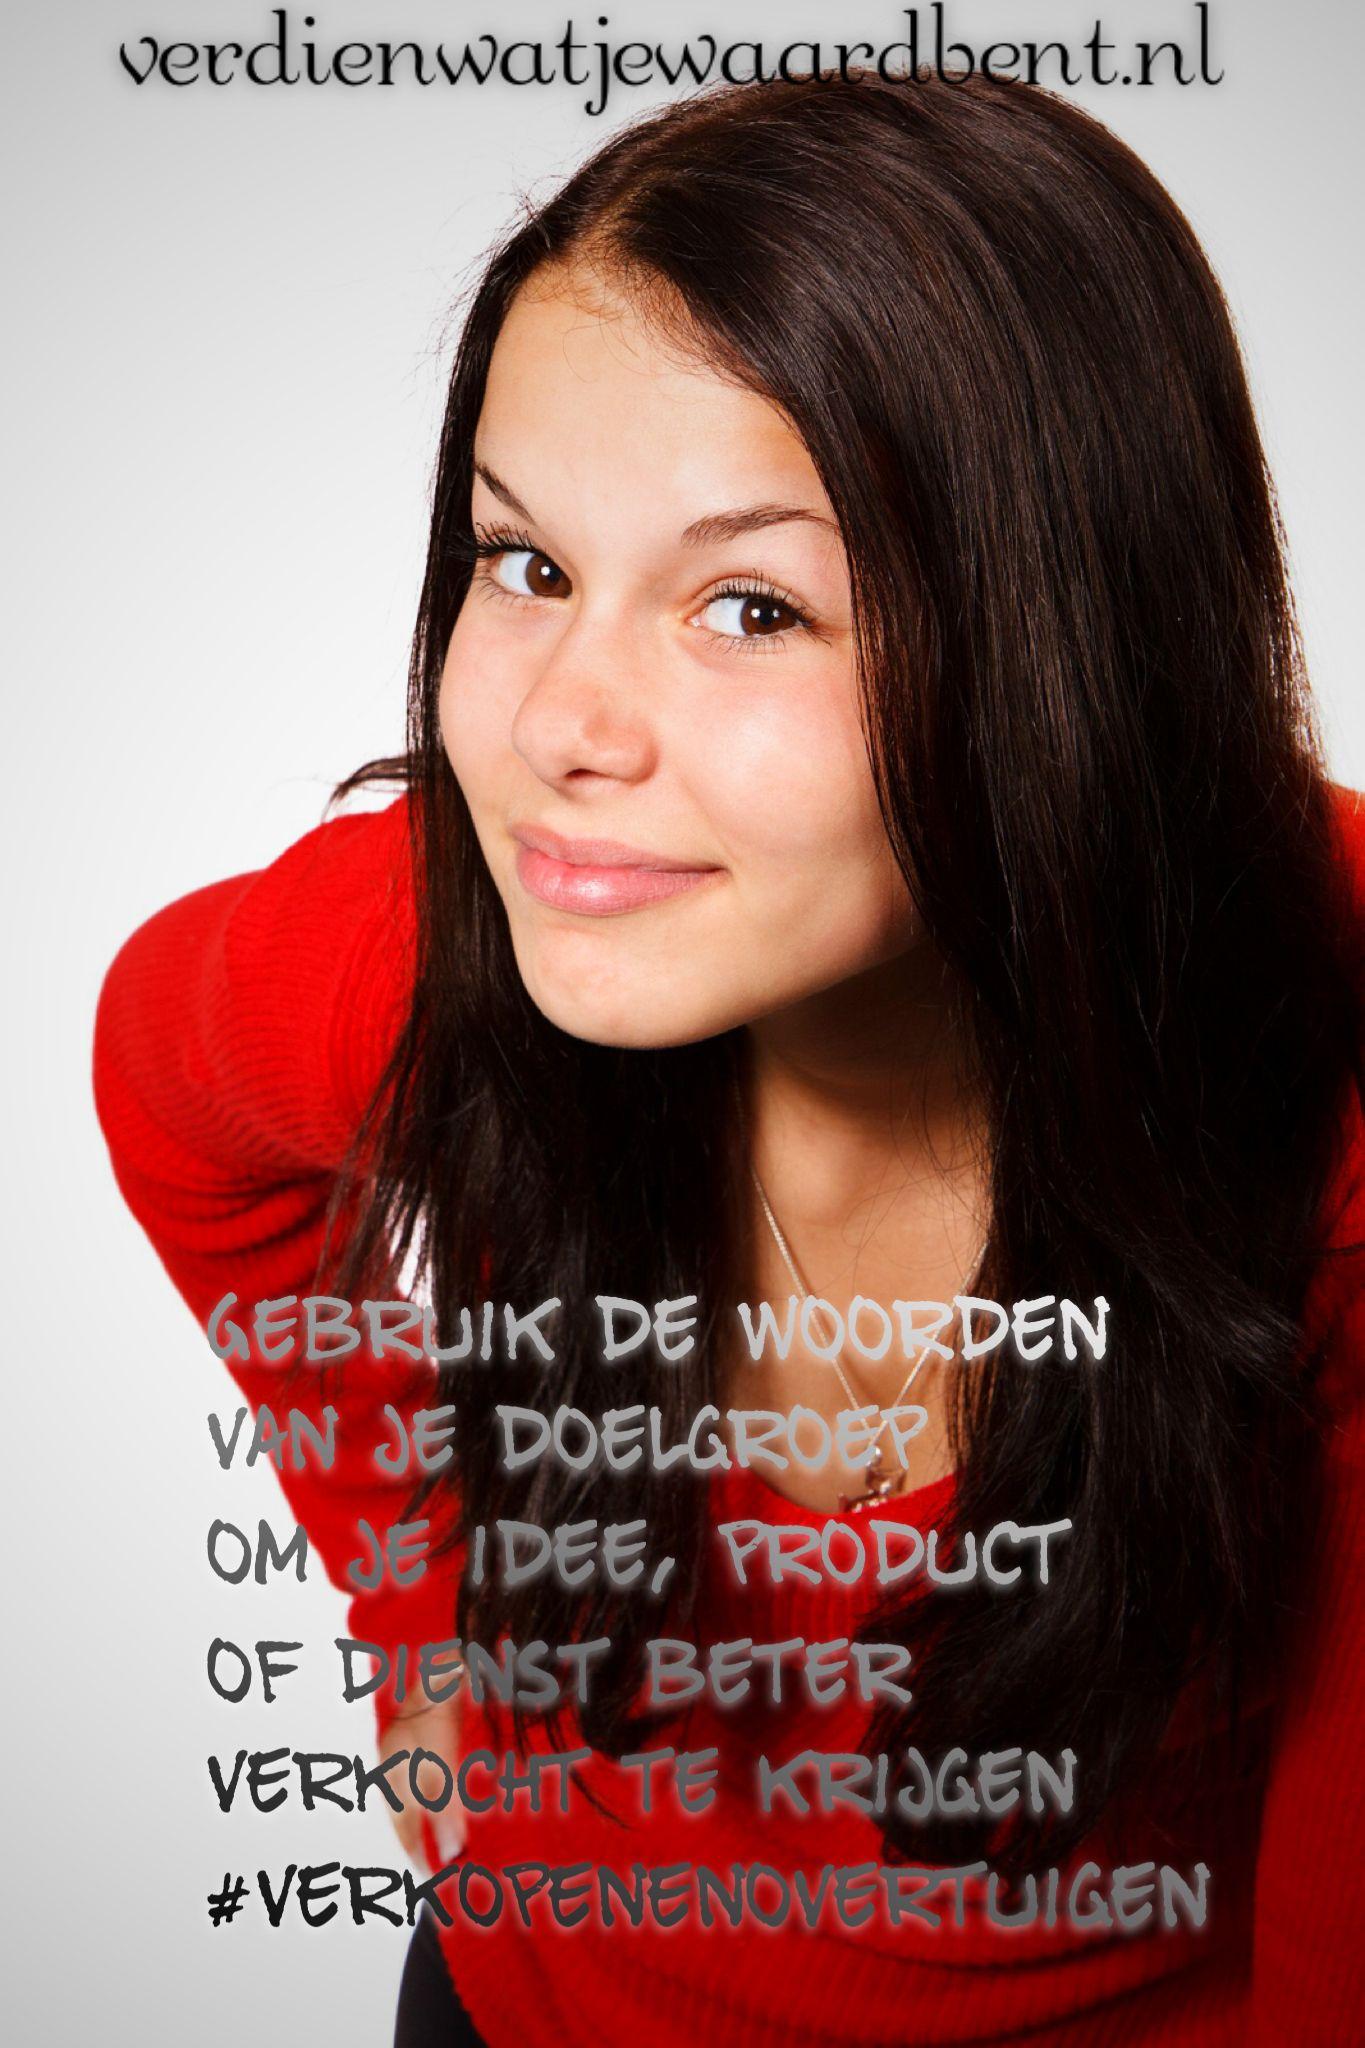 Gebruik de woorden van je doelgroep om je idee, product of dienst beter verkocht te krijgen #verkopenenovertuigen